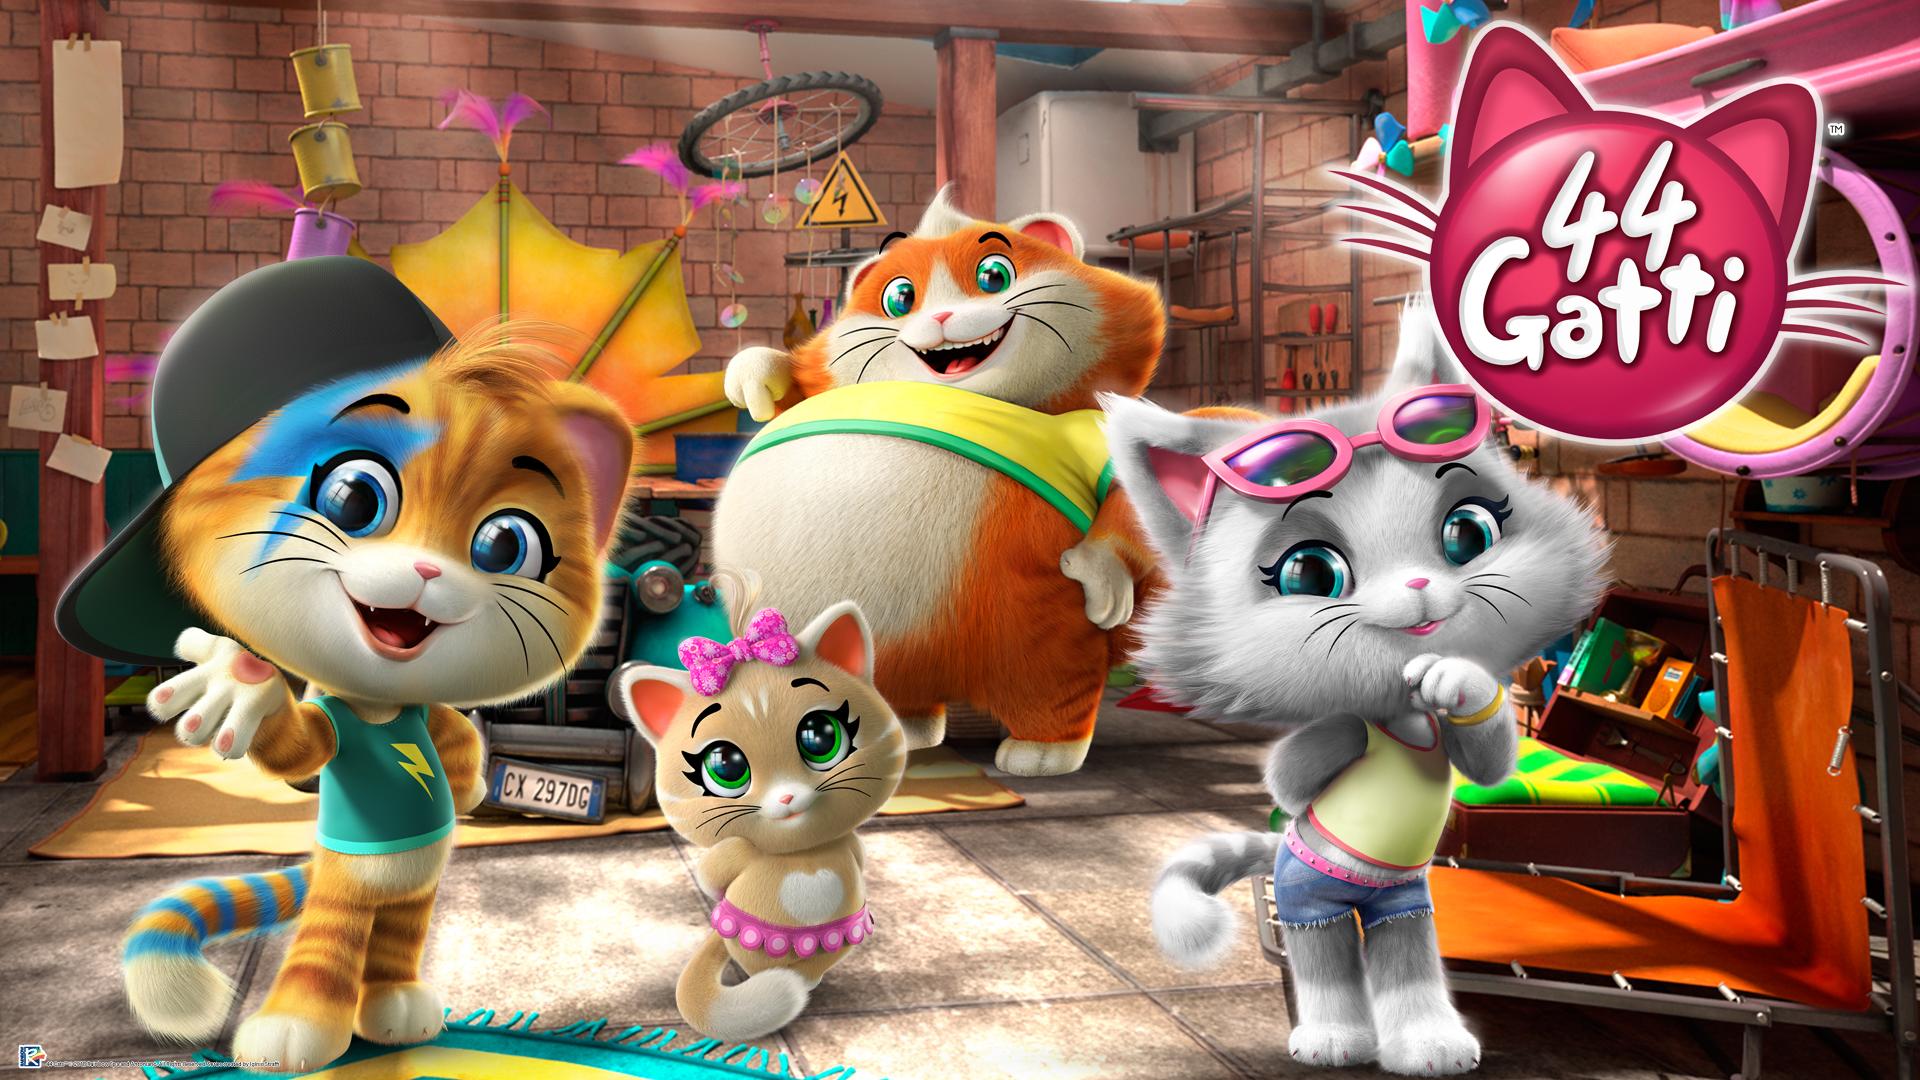 Gatti anteprima della nuova serie animata di rai yo